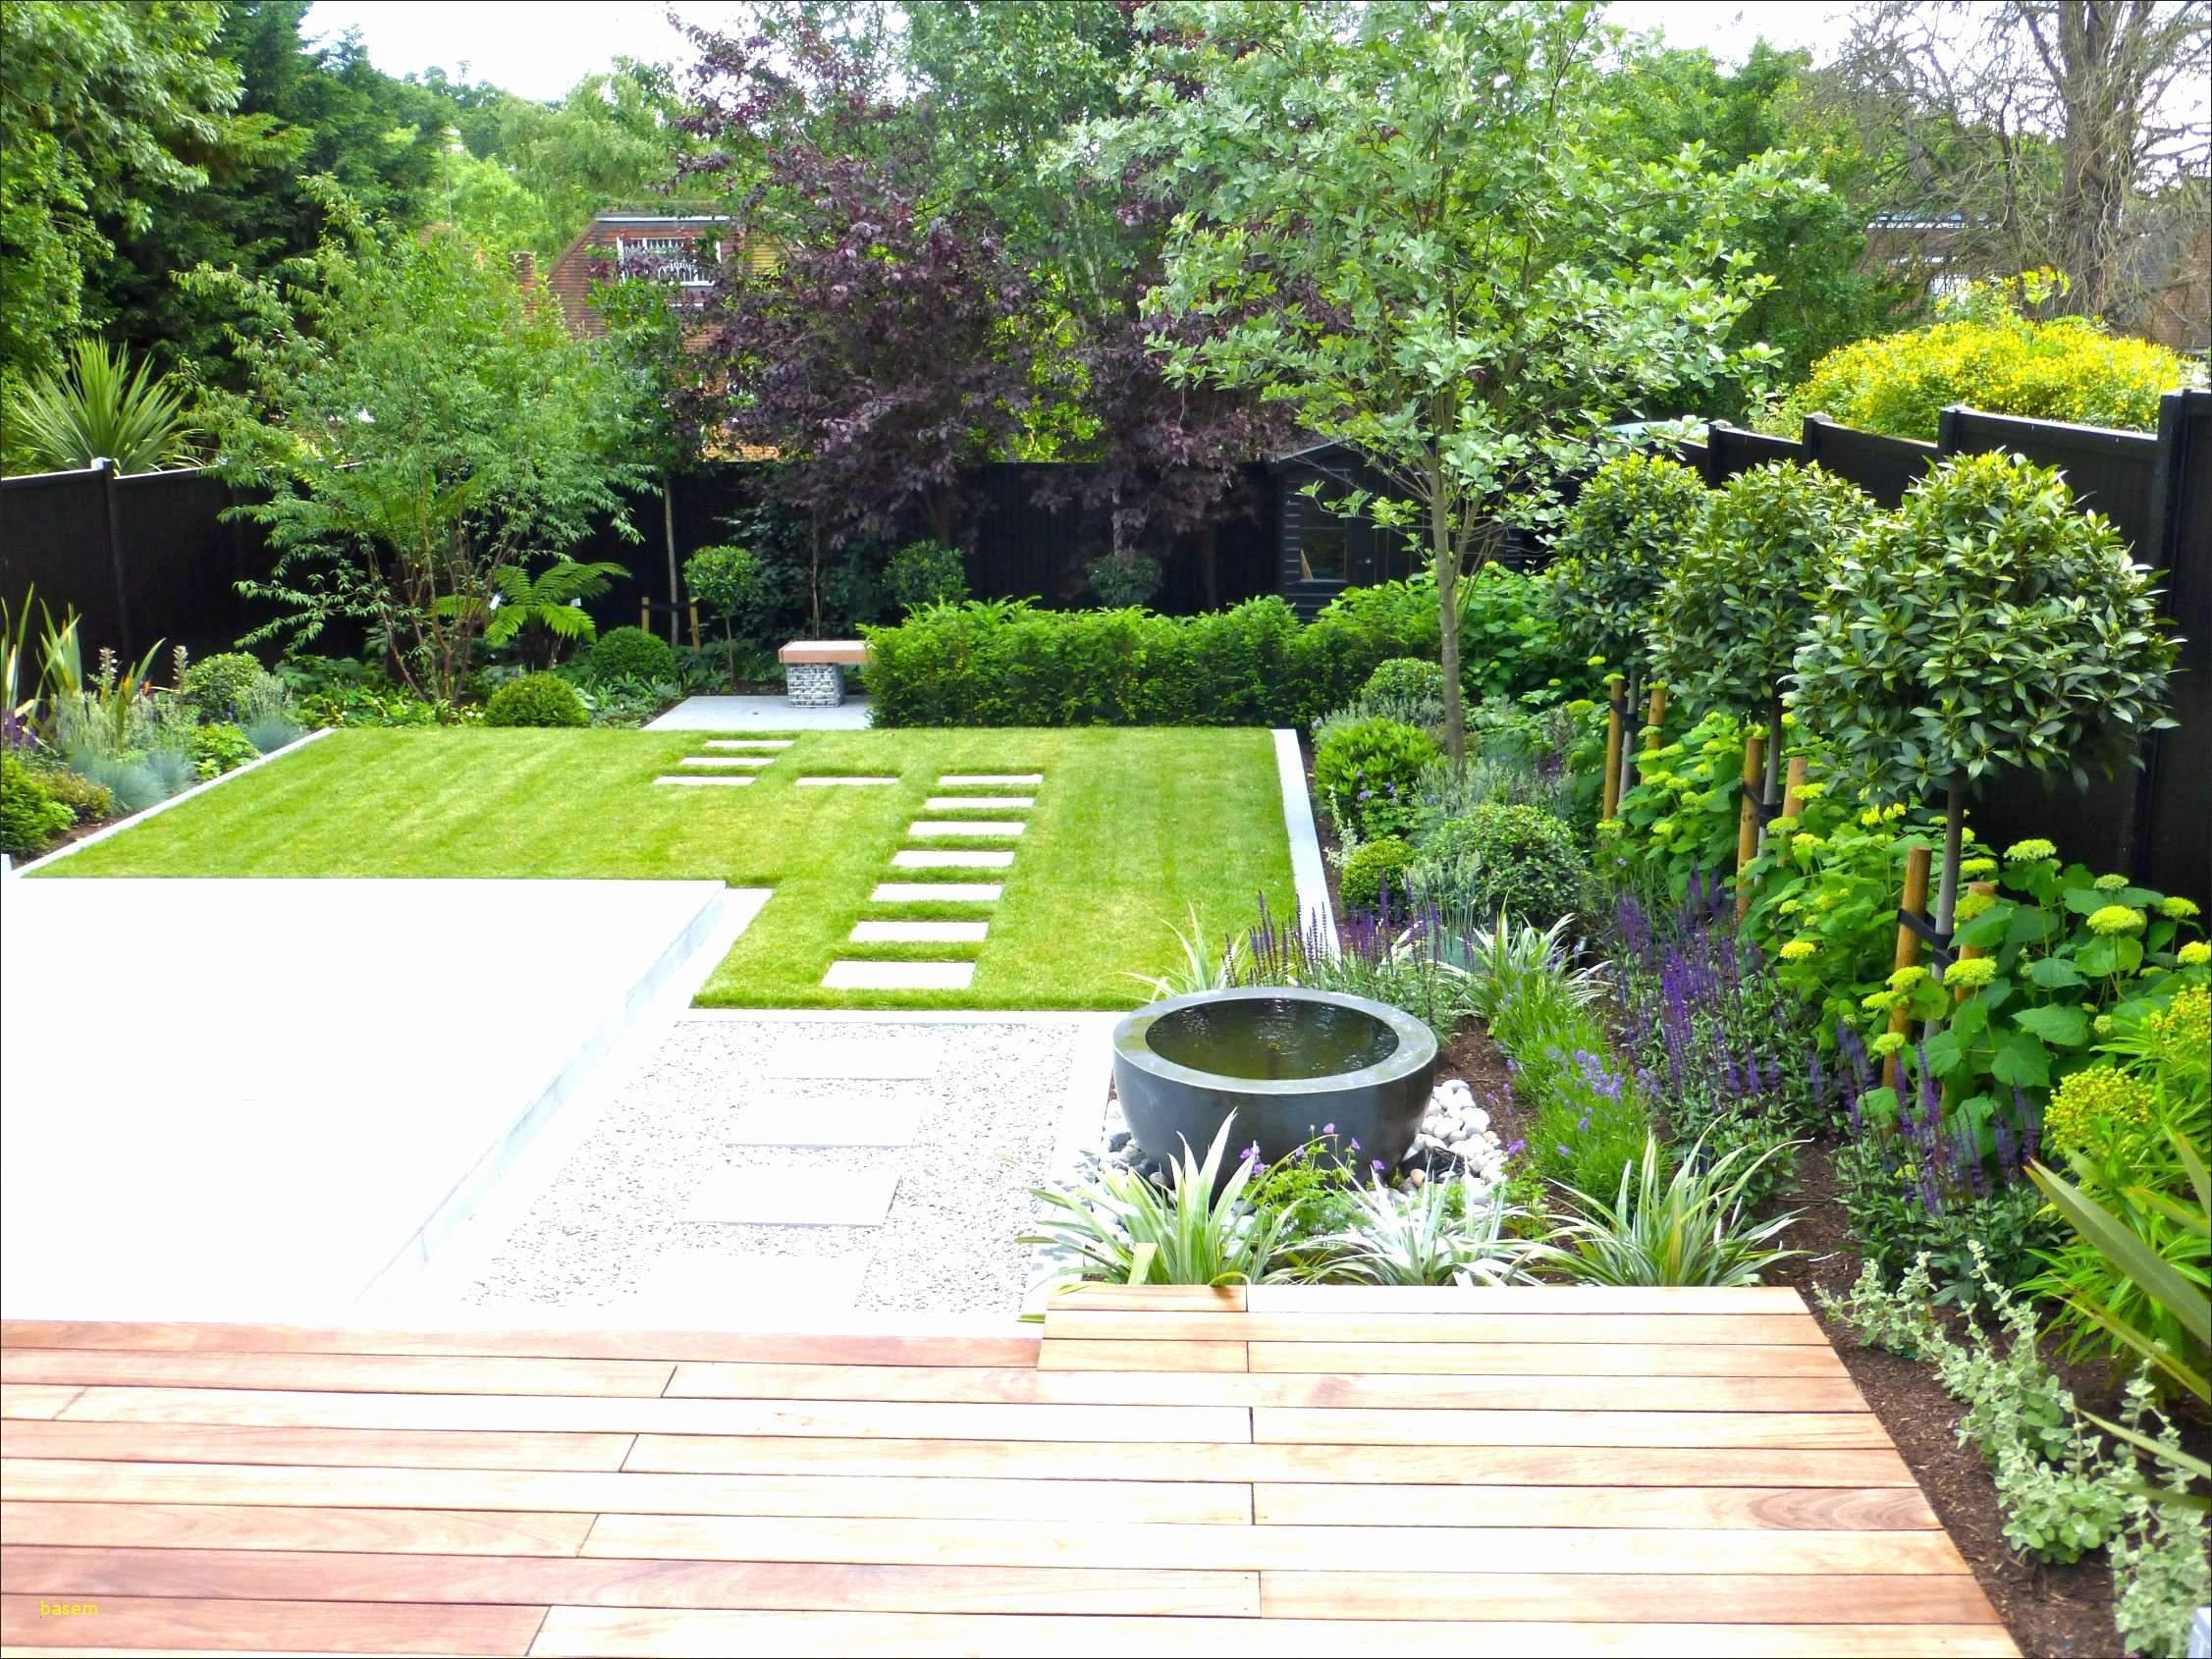 Bonsai Garten Traunreut Inspirierend Bonsai Garden Beautiful Ahorn Garten Elegant Wasserfall Fur Garten Anlegen